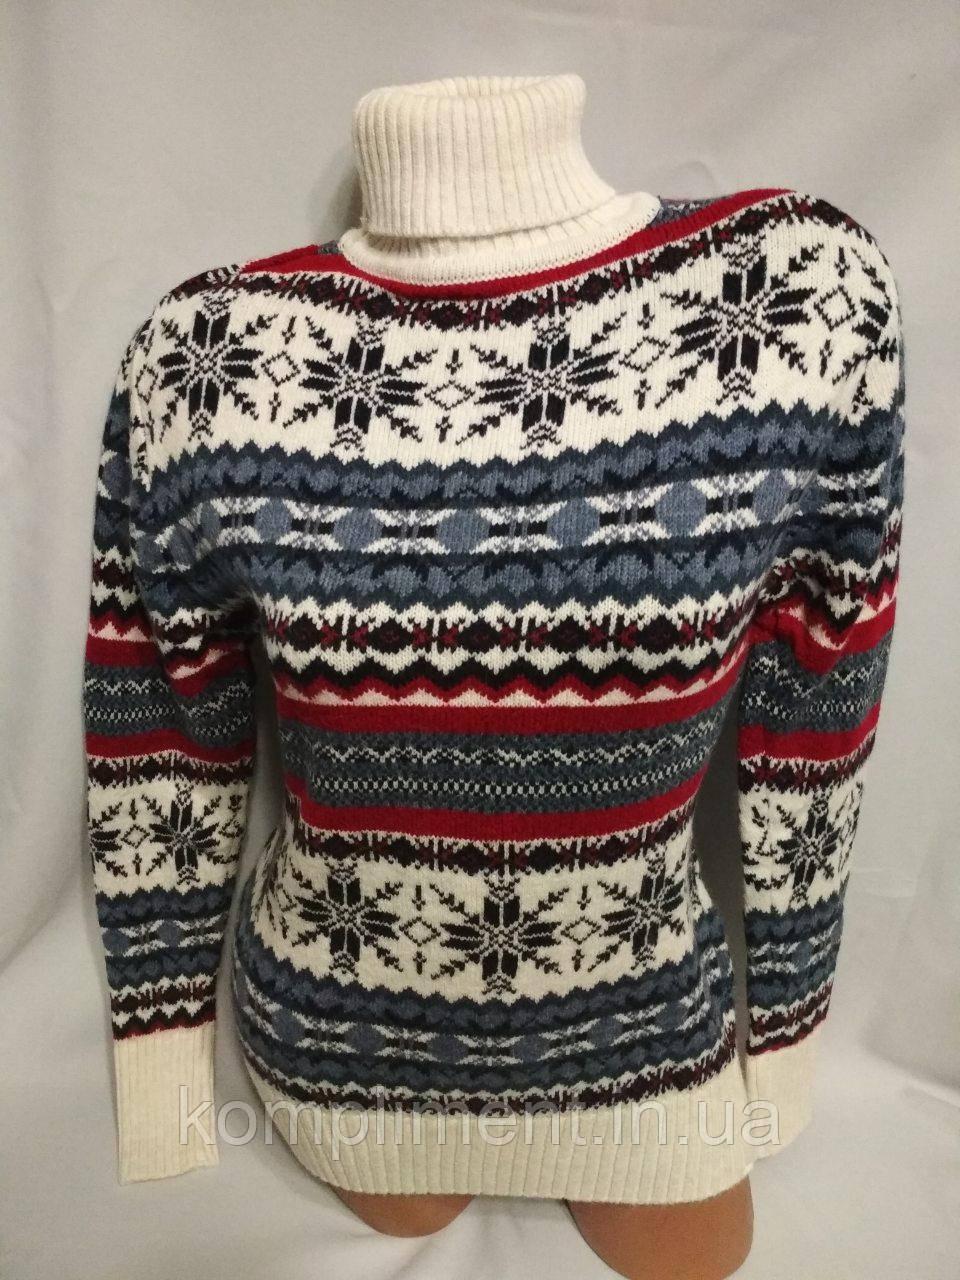 Женский шерстяной вязаный свитер под горло со снежинками, белый.Турция.